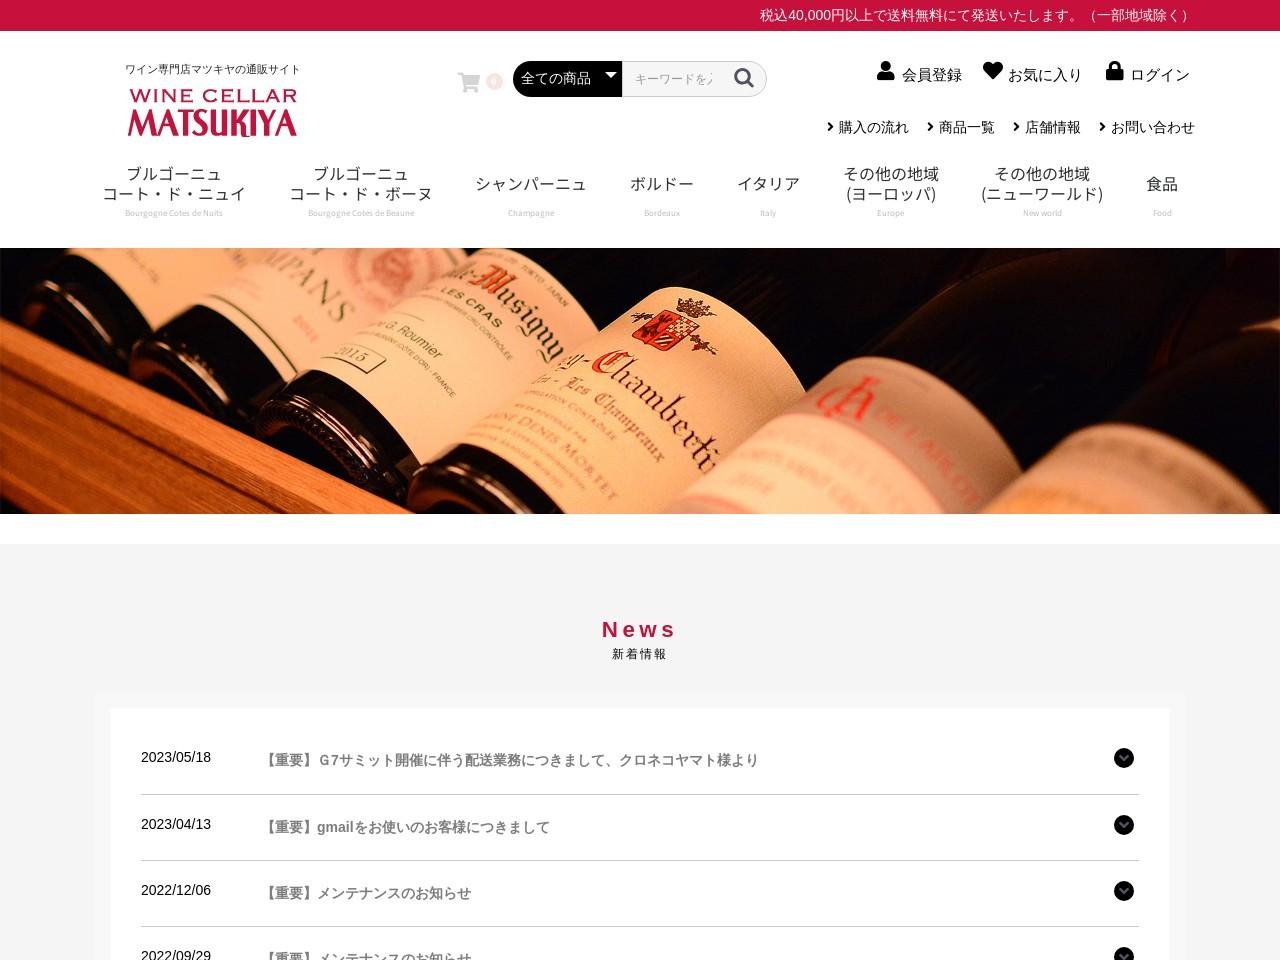 Wine Cellar Matsukiya